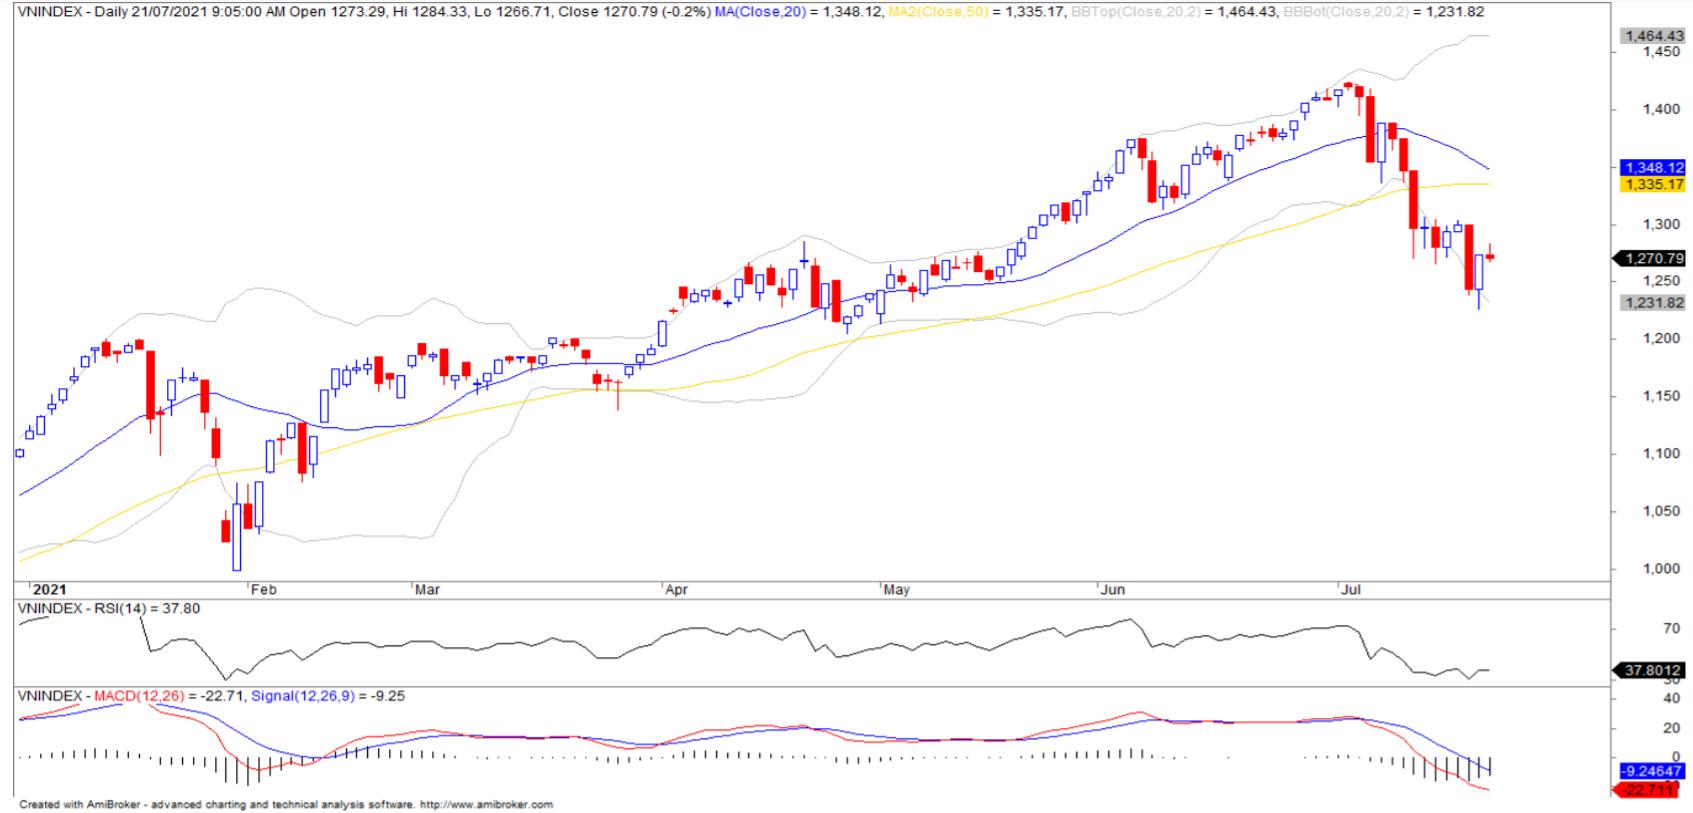 Nhận định thị trường chứng khoán ngày 22/7: Vận động trong vùng 1.250 - 1.300 điểm - Ảnh 1.